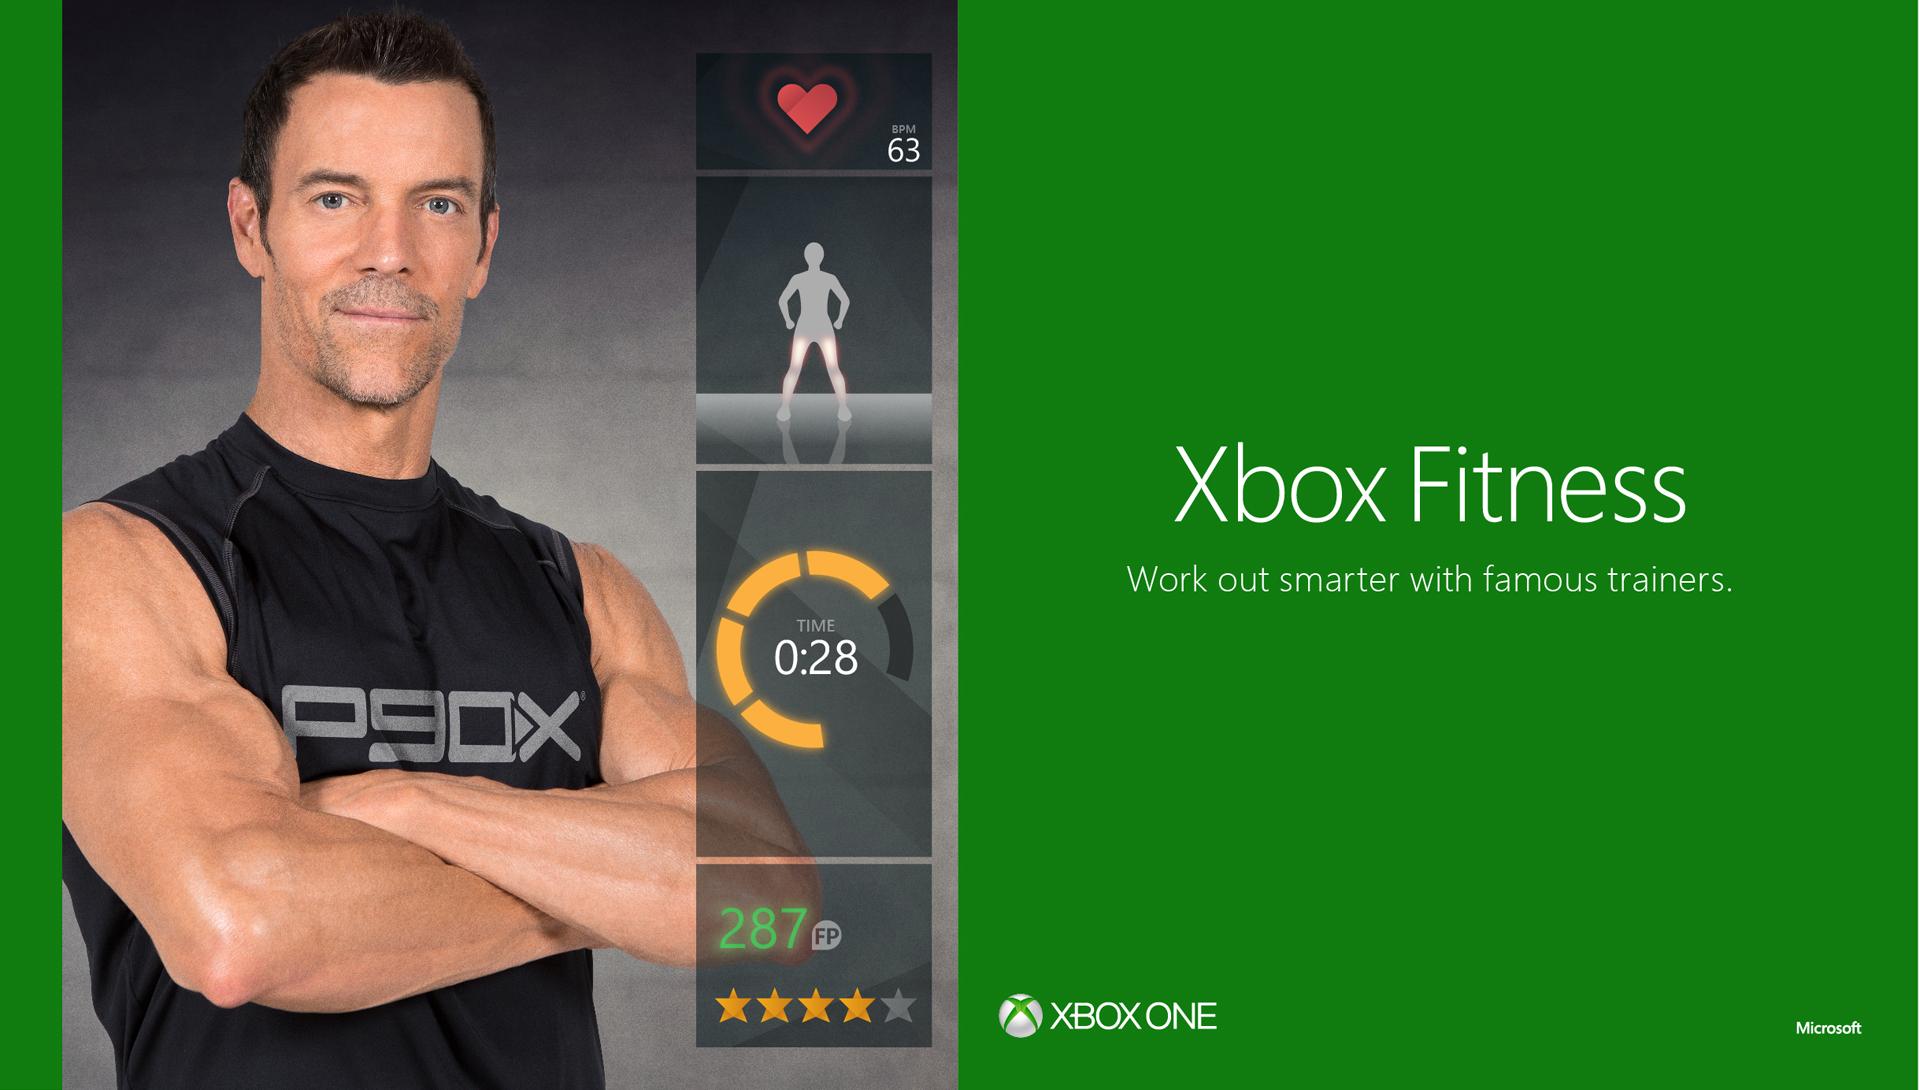 XboxFitness Xbox One Div 008